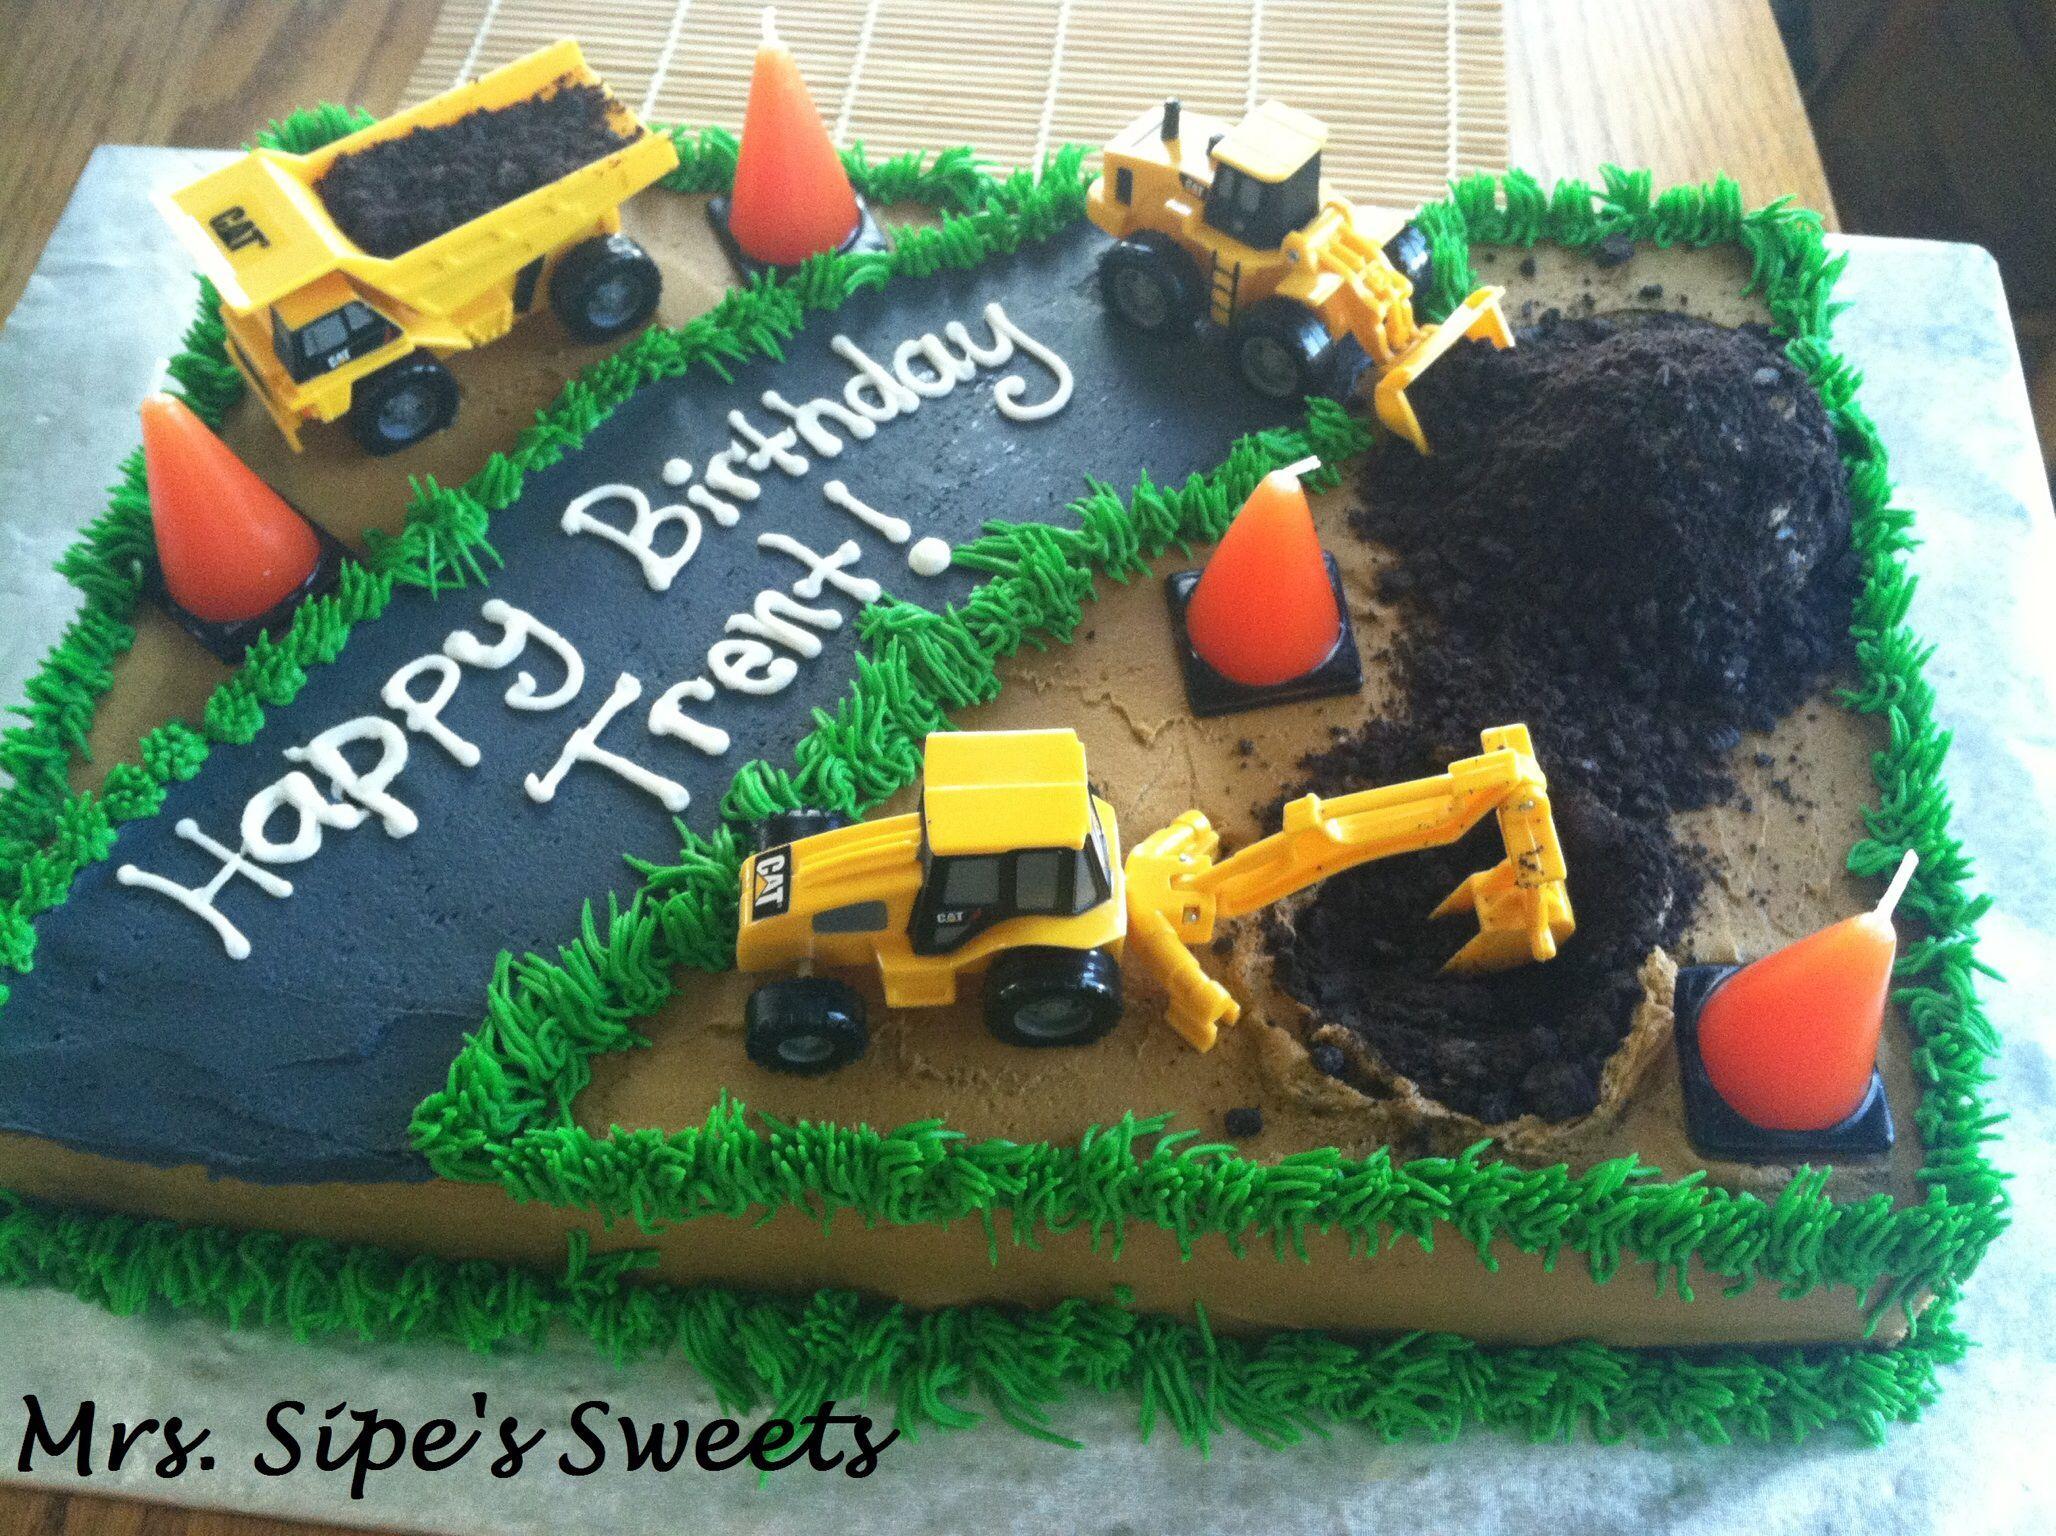 25+ Exklusives Bild von Baugeburtstagstorten   – Cooper's 3rd Birthday